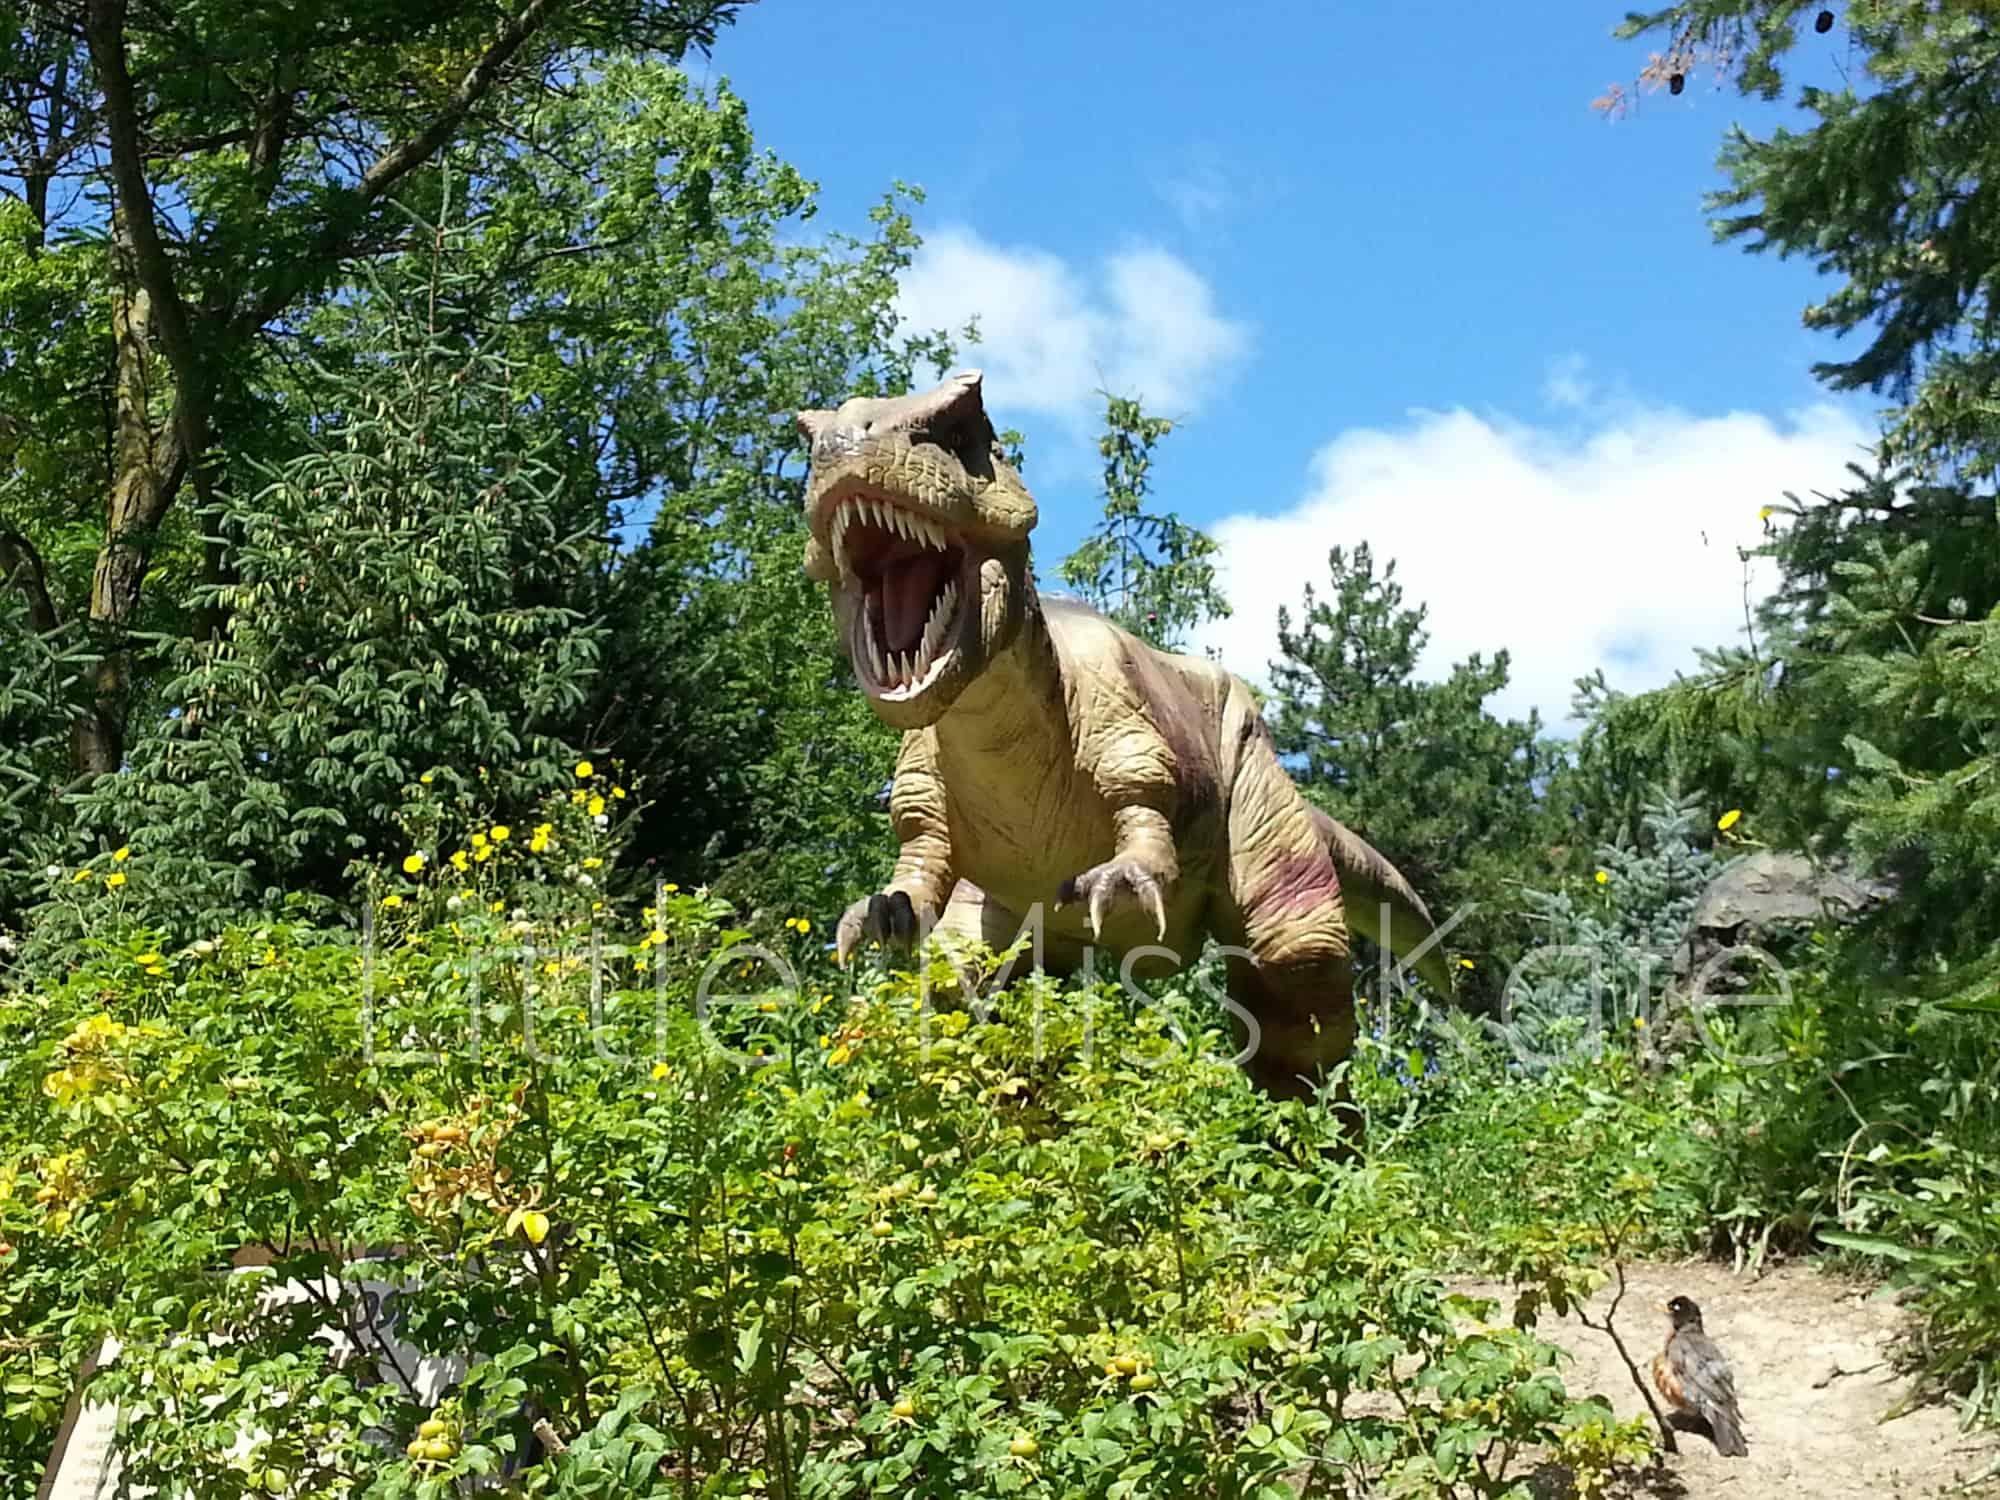 canadas wonderland dinosaurs alive